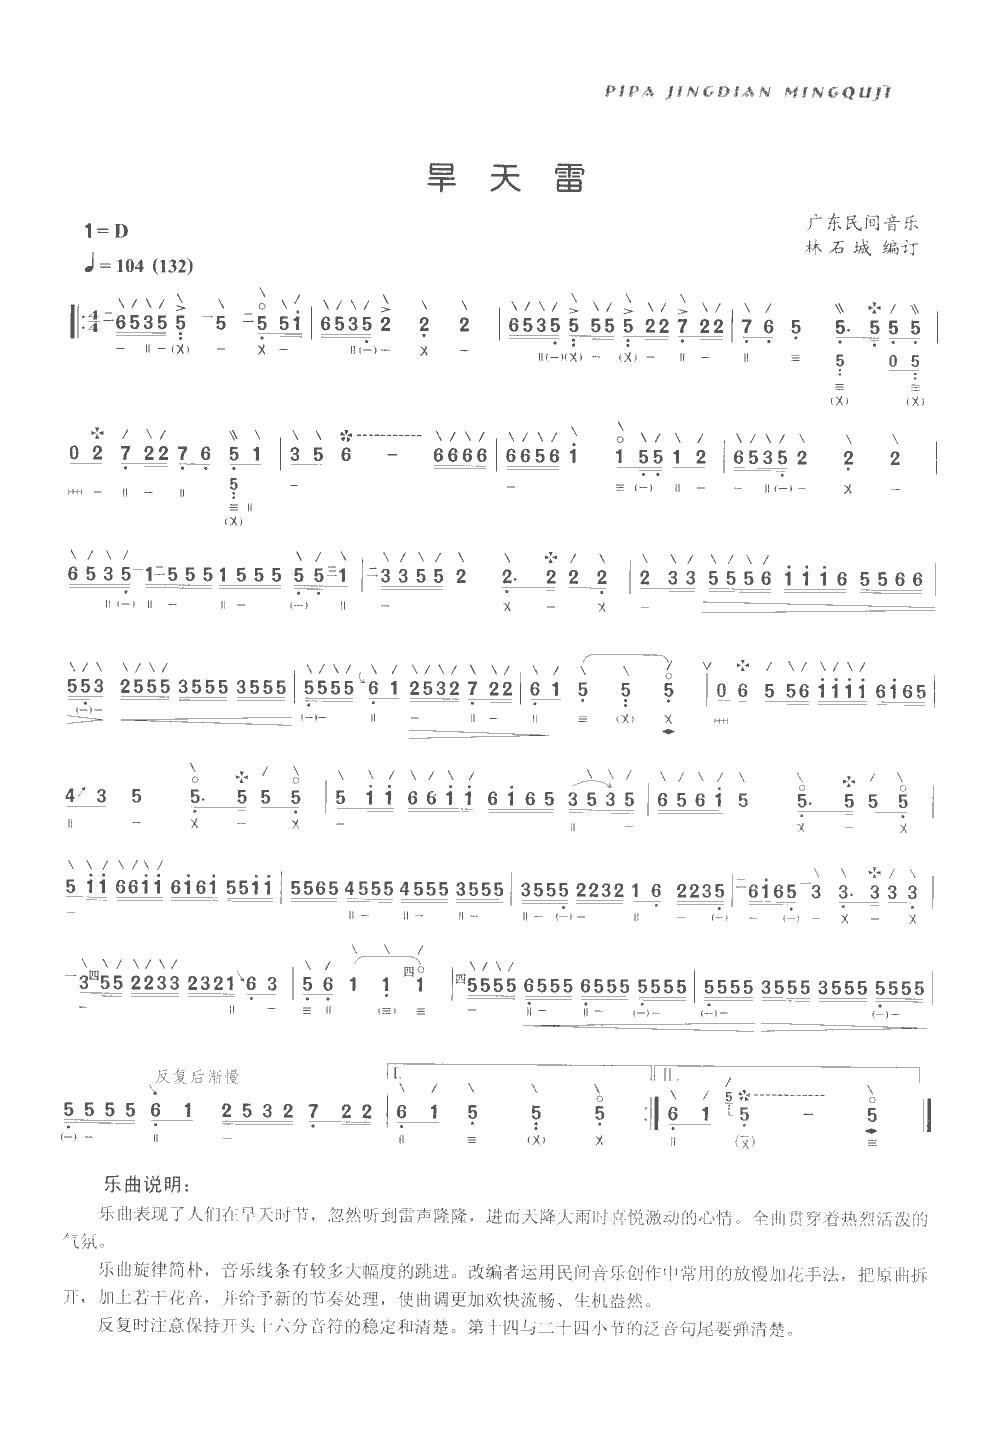 旱天雷(琵琶)-简谱-爱谱吧; 旱天雷(琵琶)_简谱_歌谱123,搜谱,找歌谱